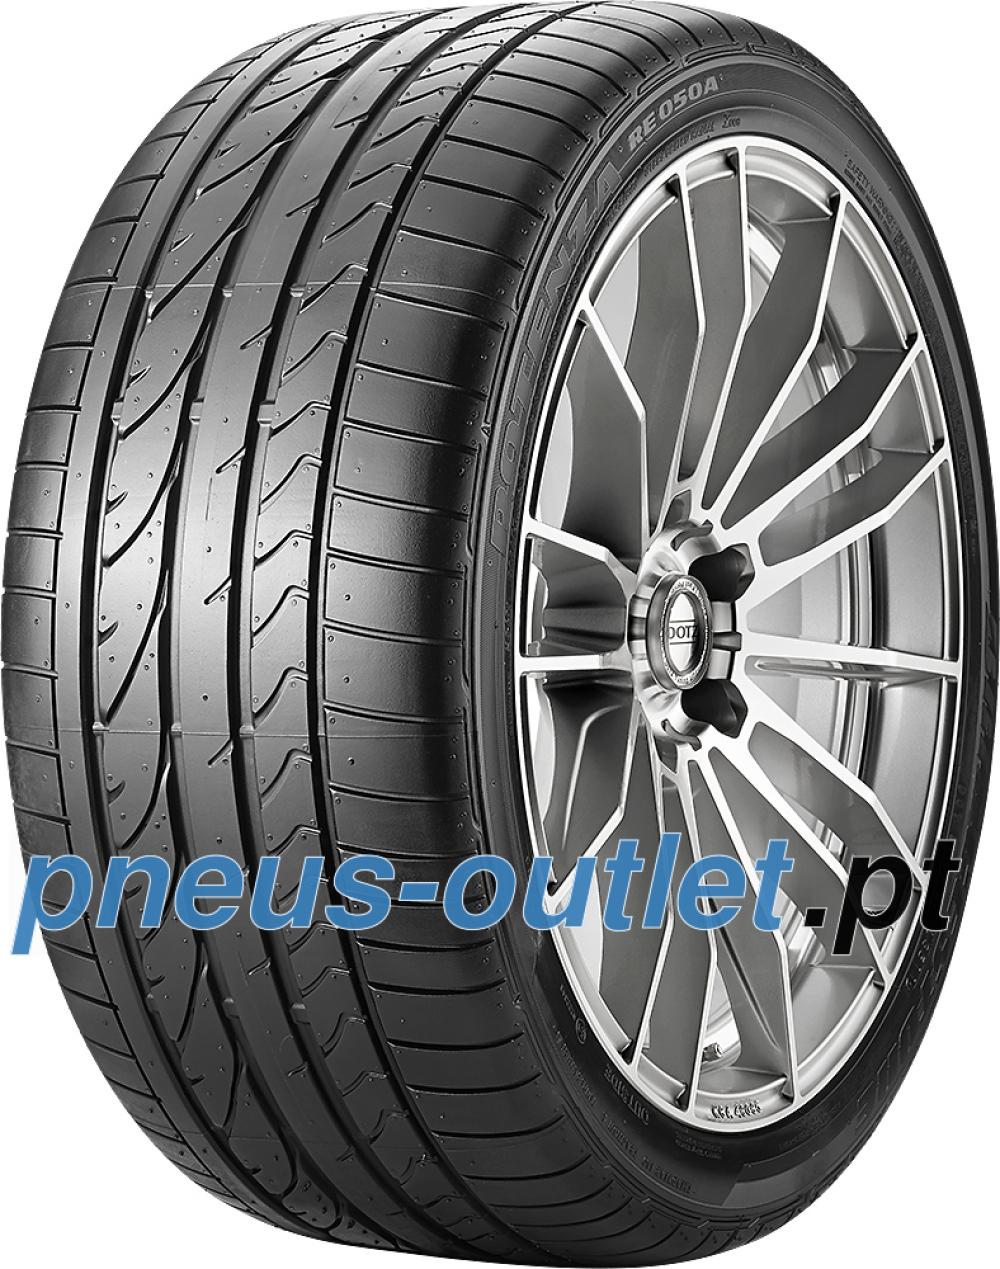 Bridgestone Potenza RE 050 A RFT ( 245/45 ZR18 (96Y) runflat, com protecção da jante (MFS) )